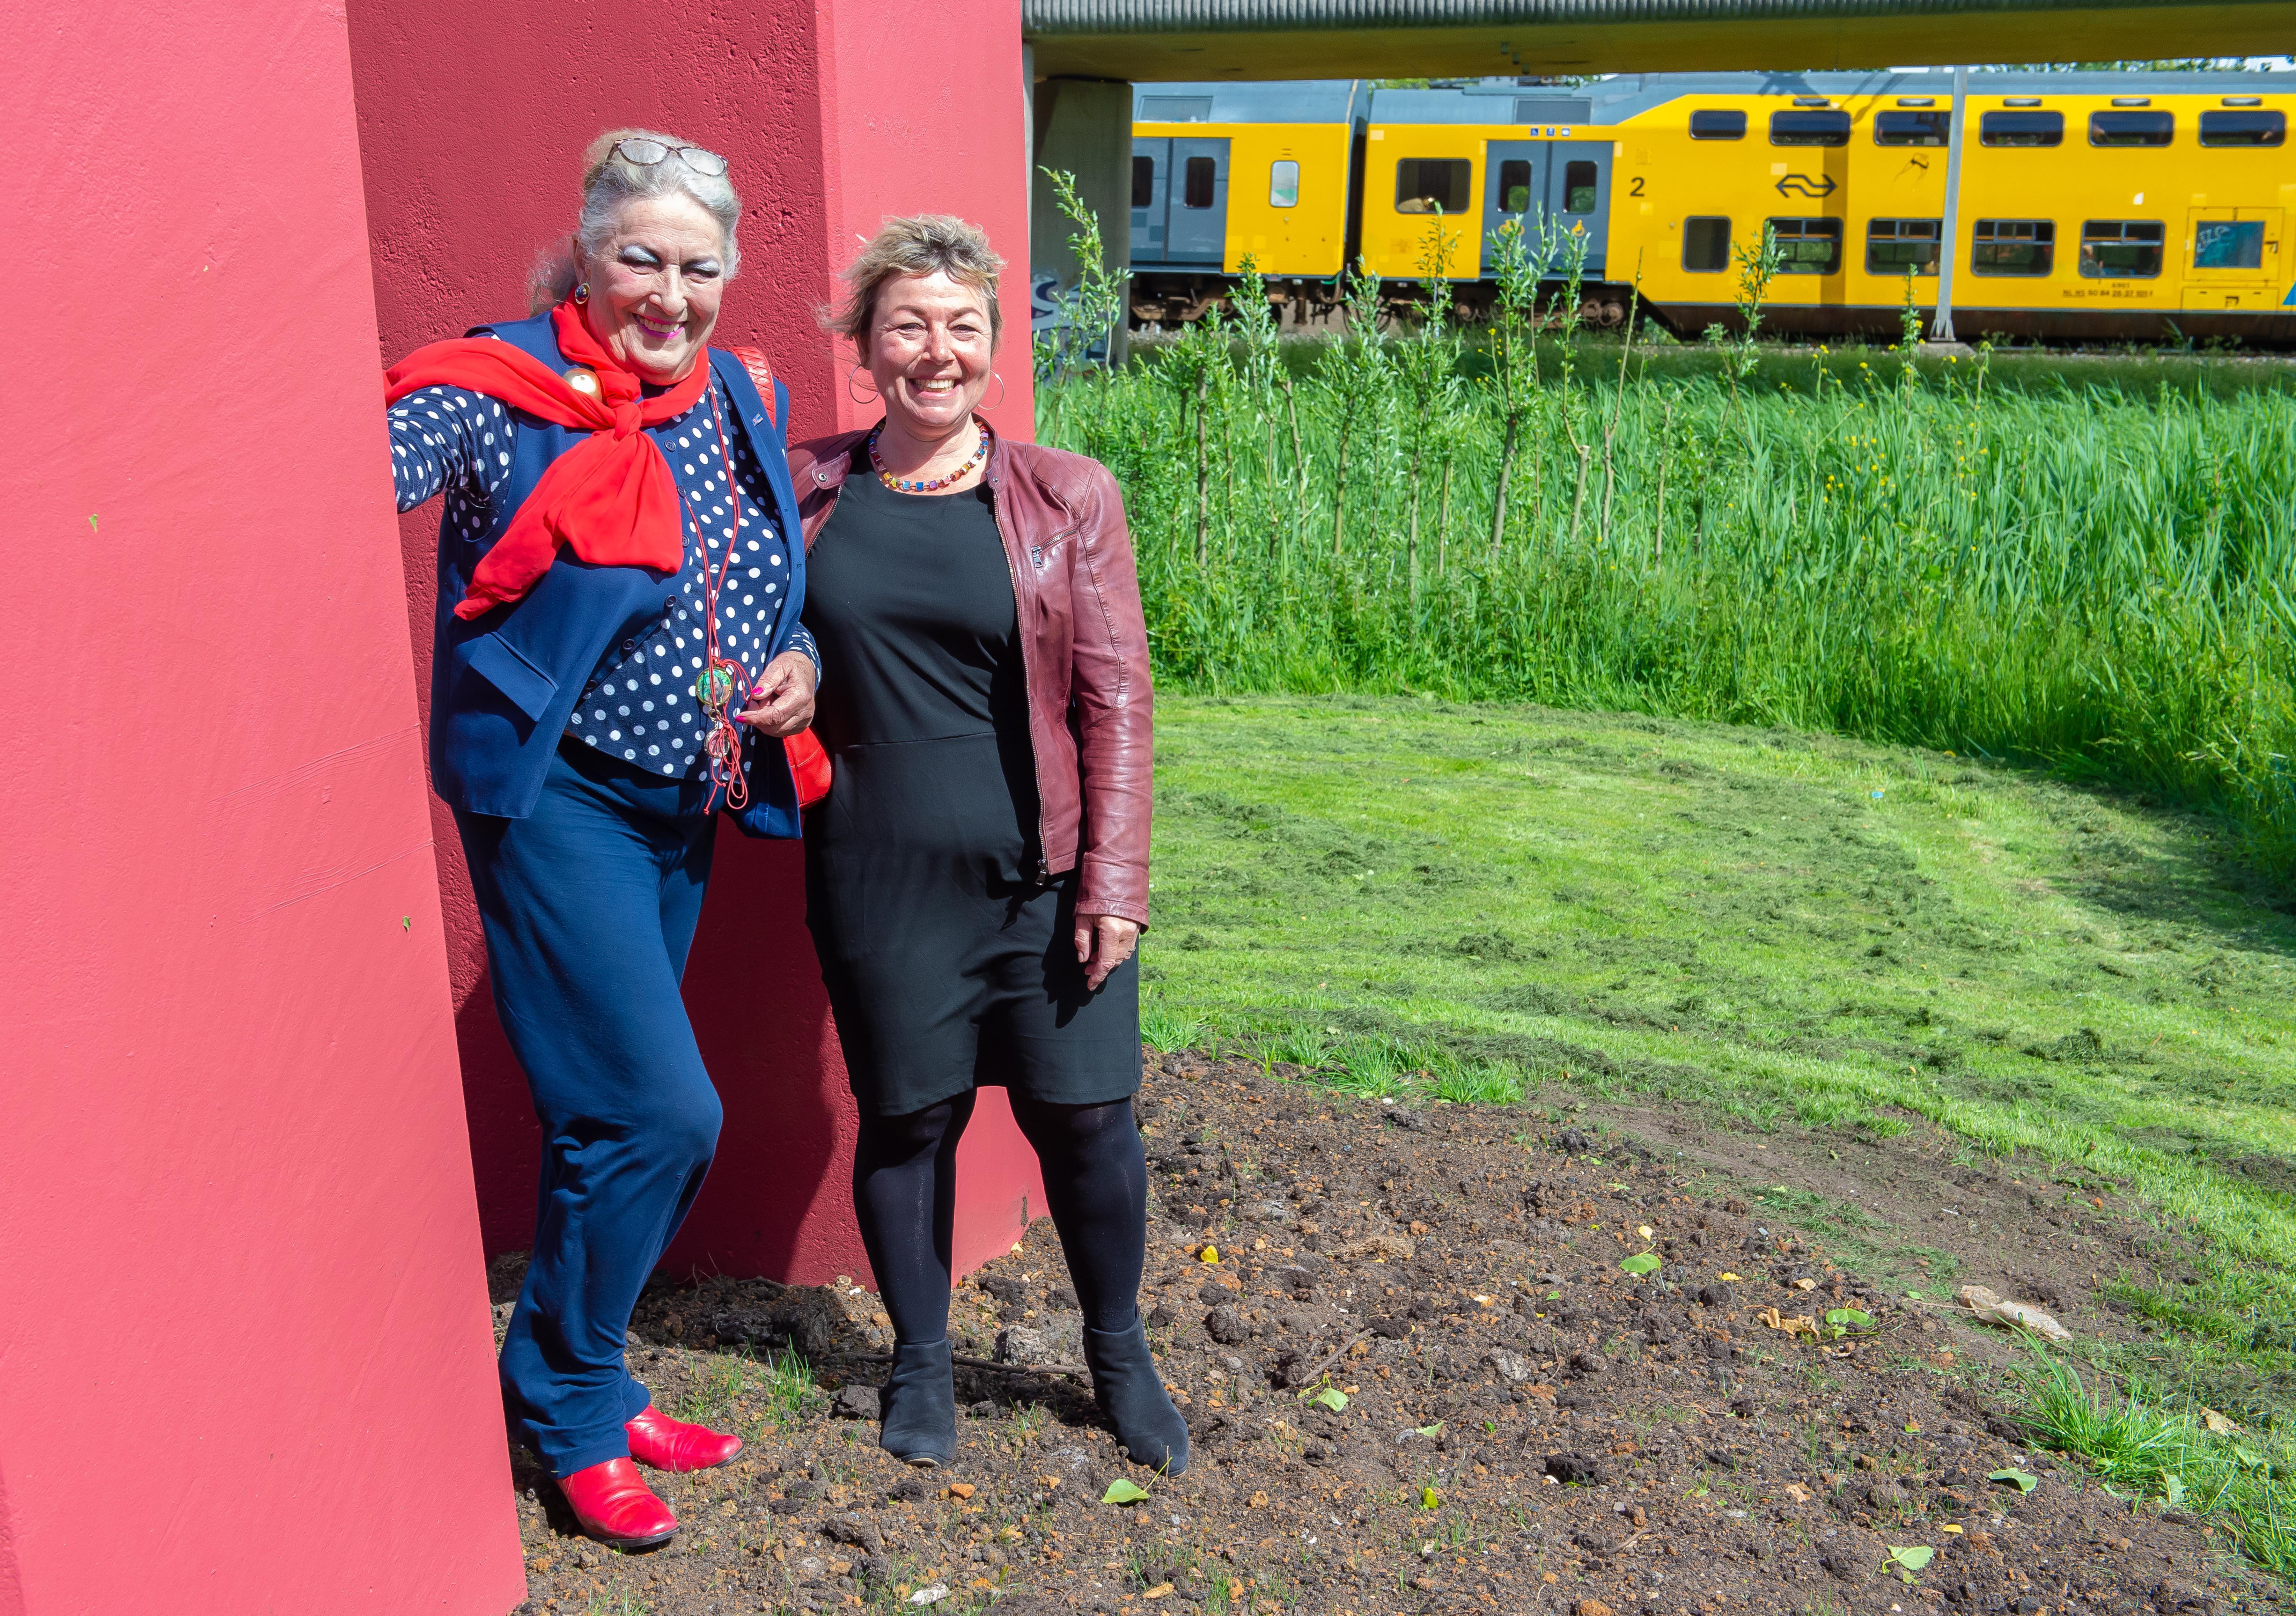 Marthe Röling 'zielsblij' met nieuwe plaats kunstwerk 'Tussen de rails' van Hans Koetsier inZaandam